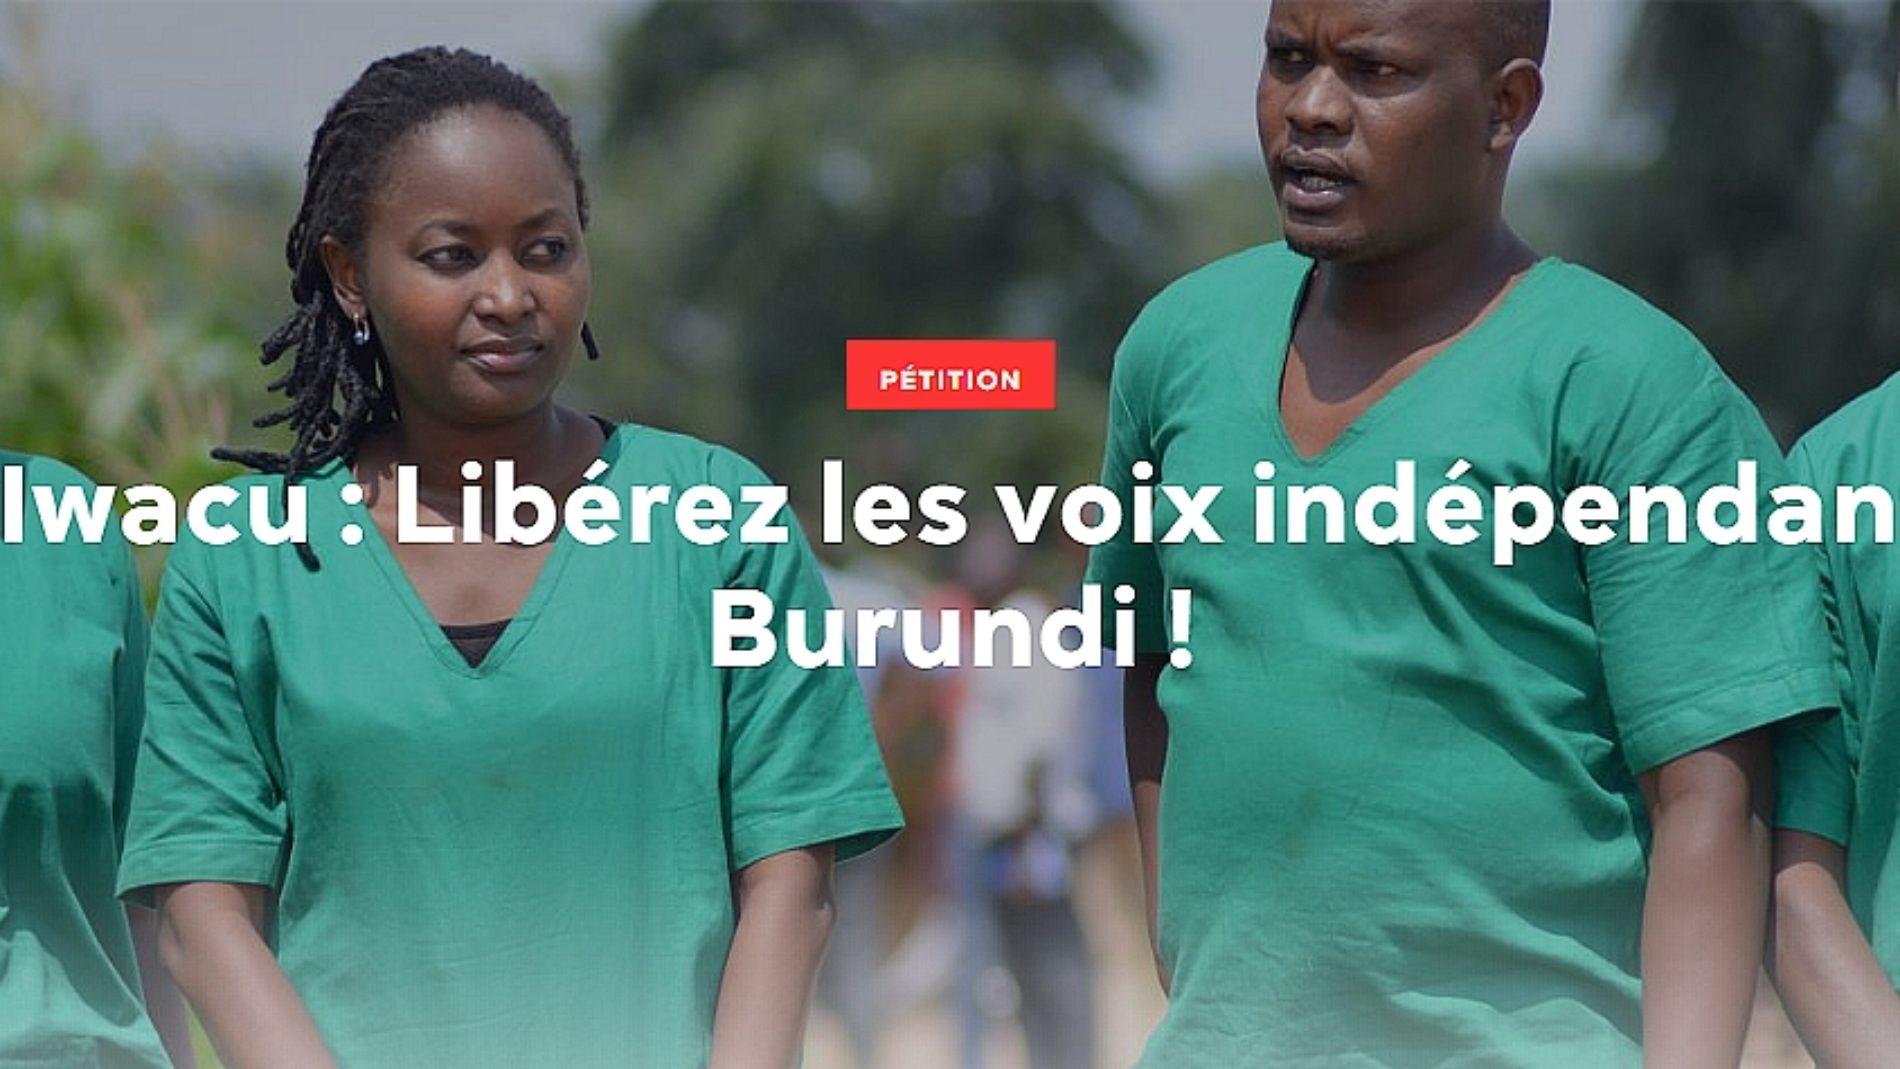 Journalistes Iwacu : Reporters sans Frontières (RSF) lance une pétition